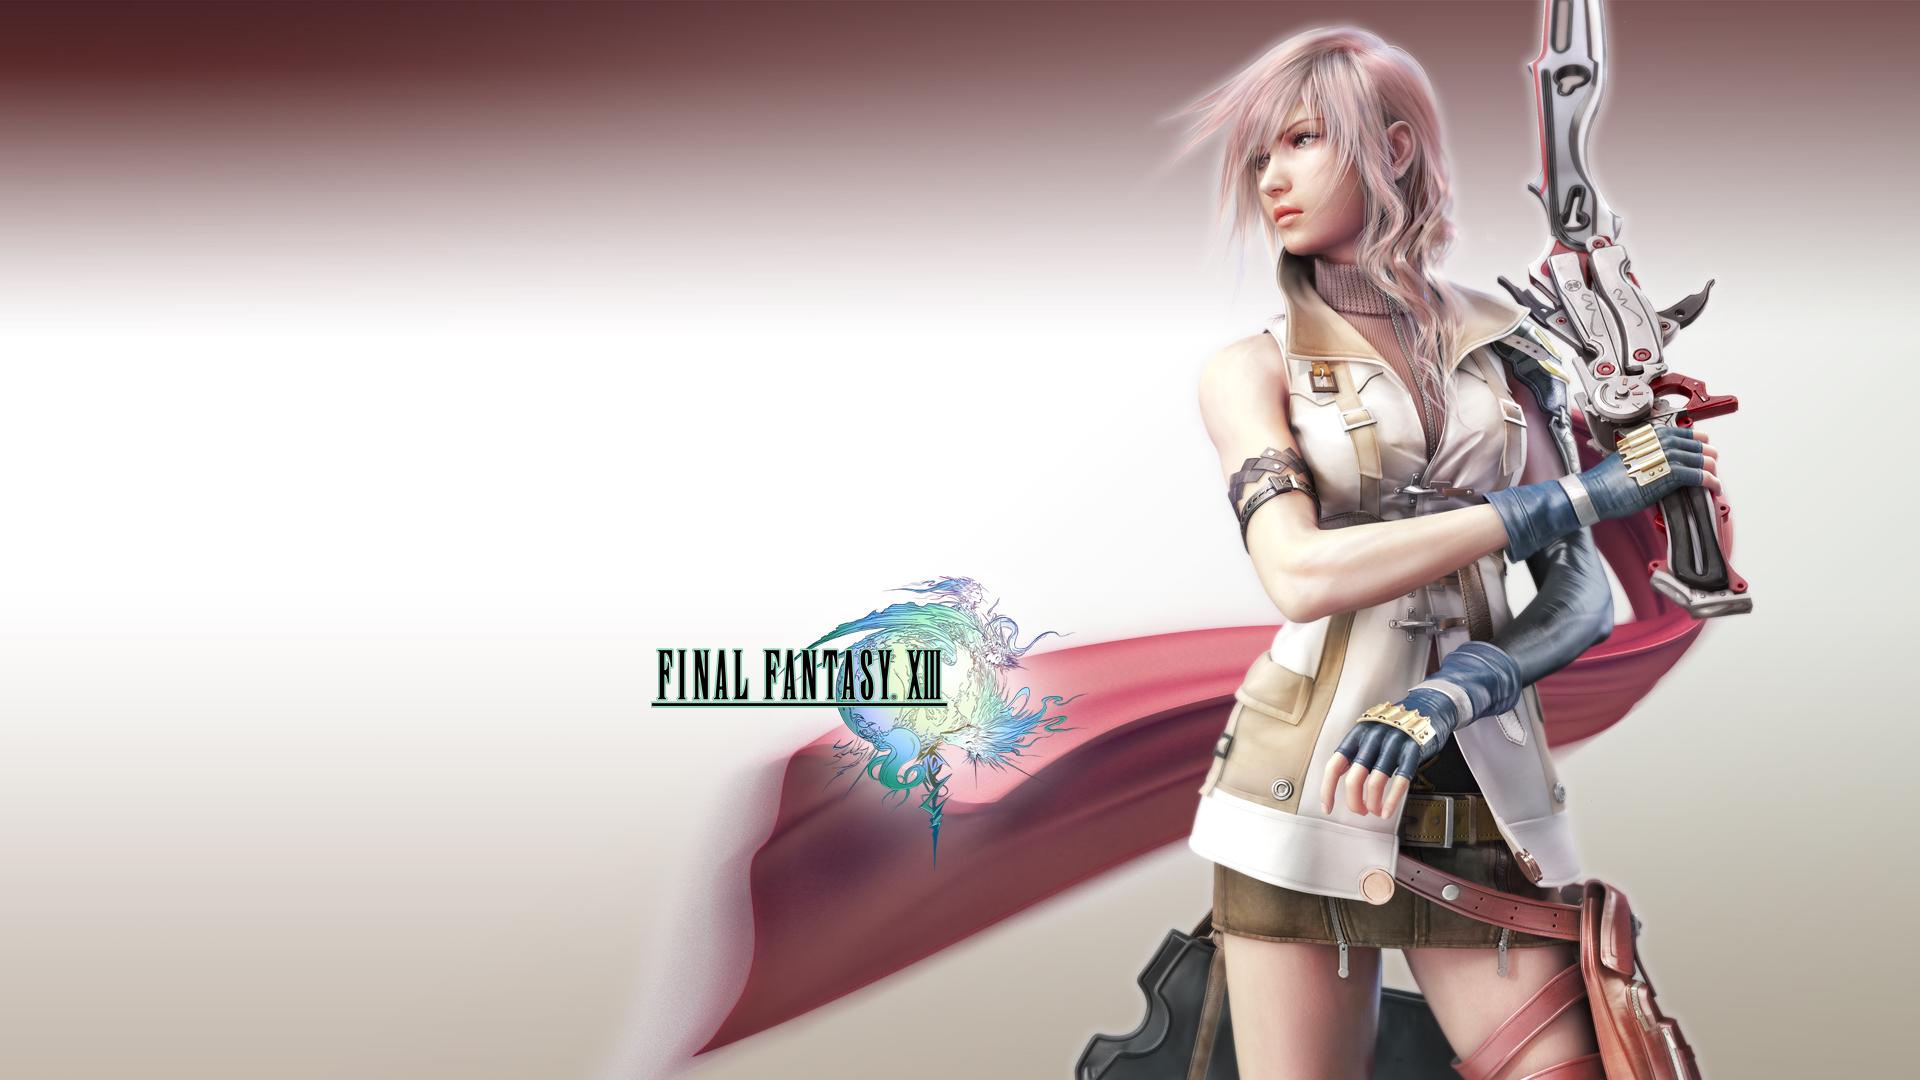 Fondos de Lightning Final Fantasy XIII   Taringa 1920x1080